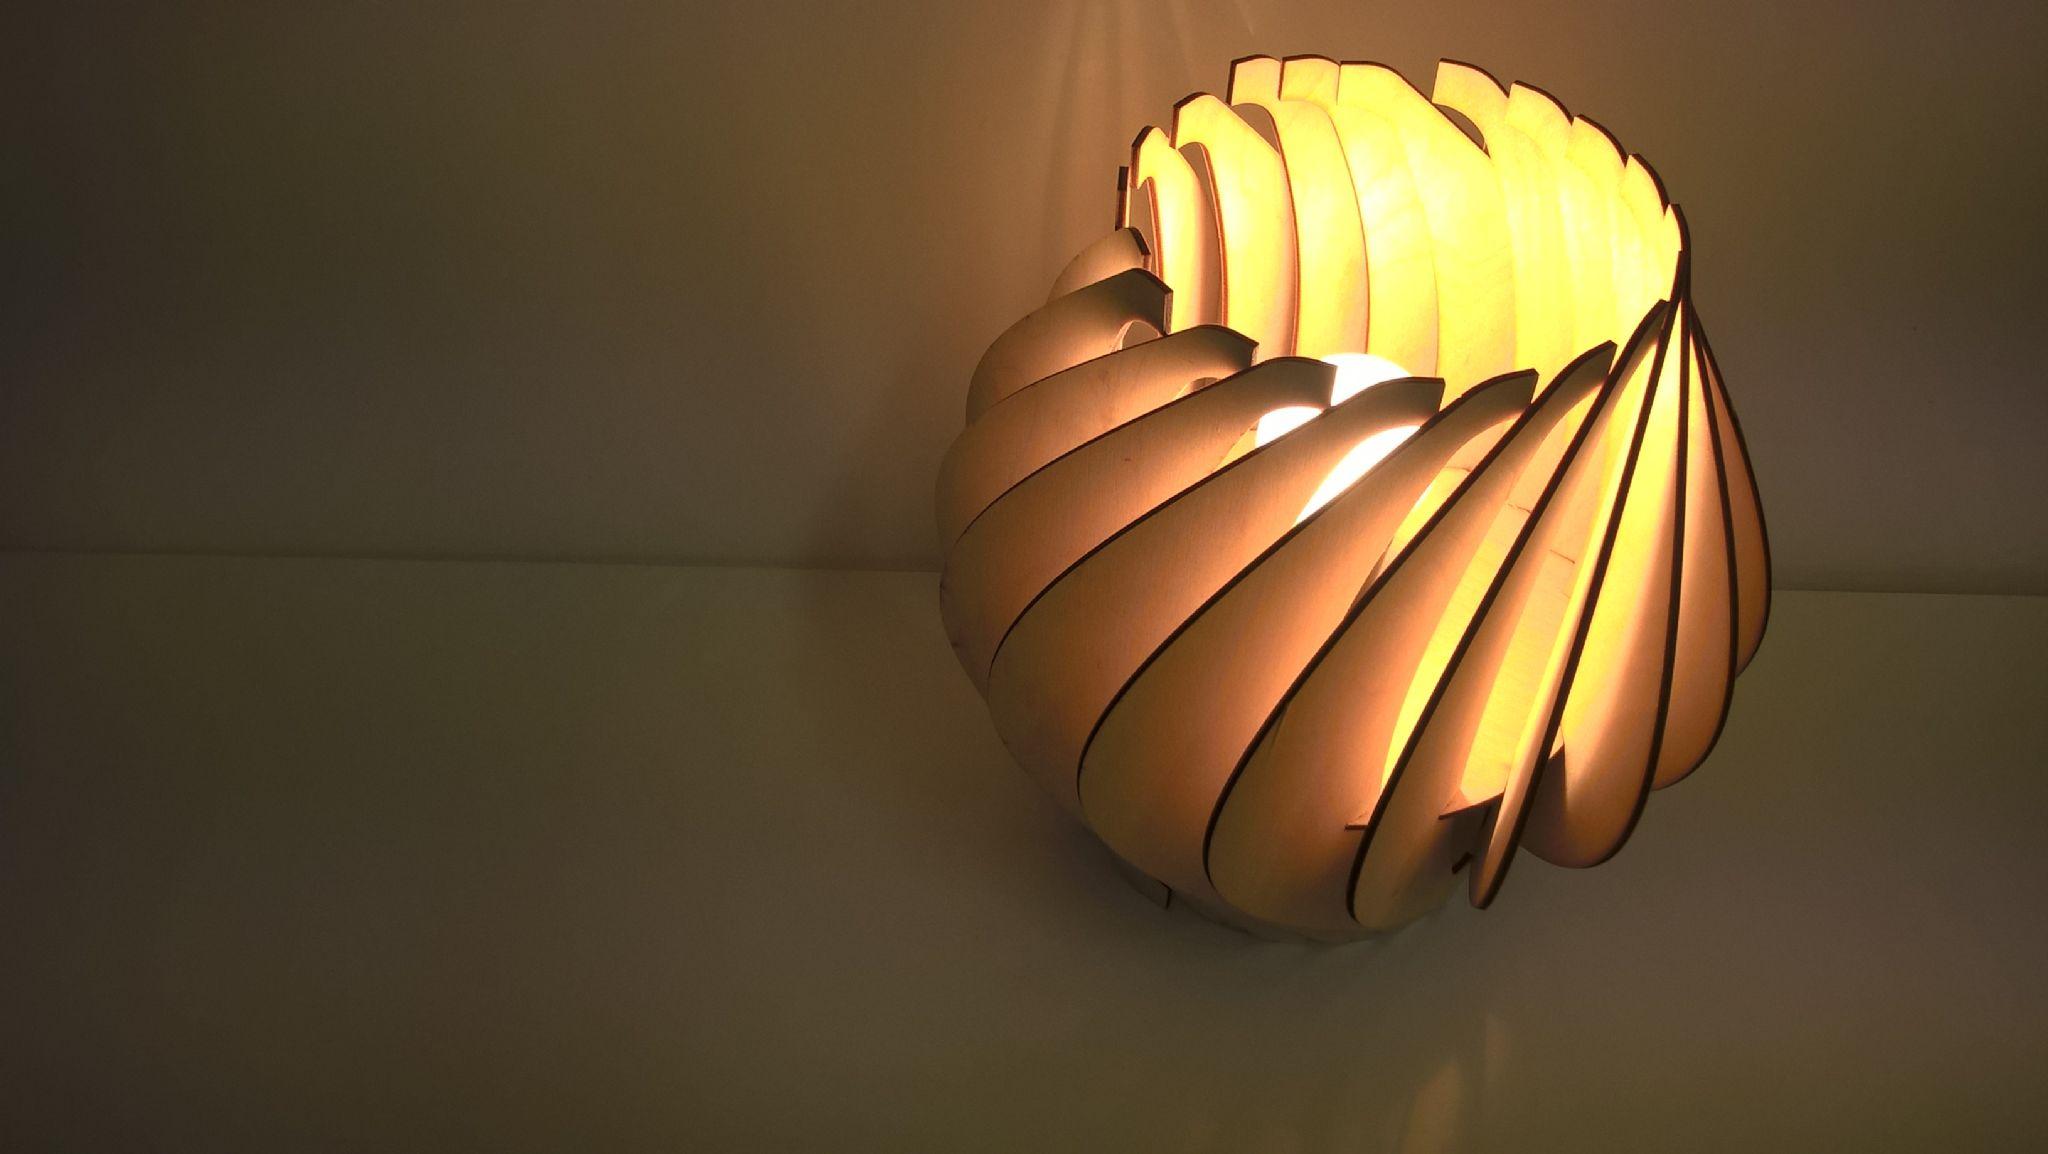 cut lamp